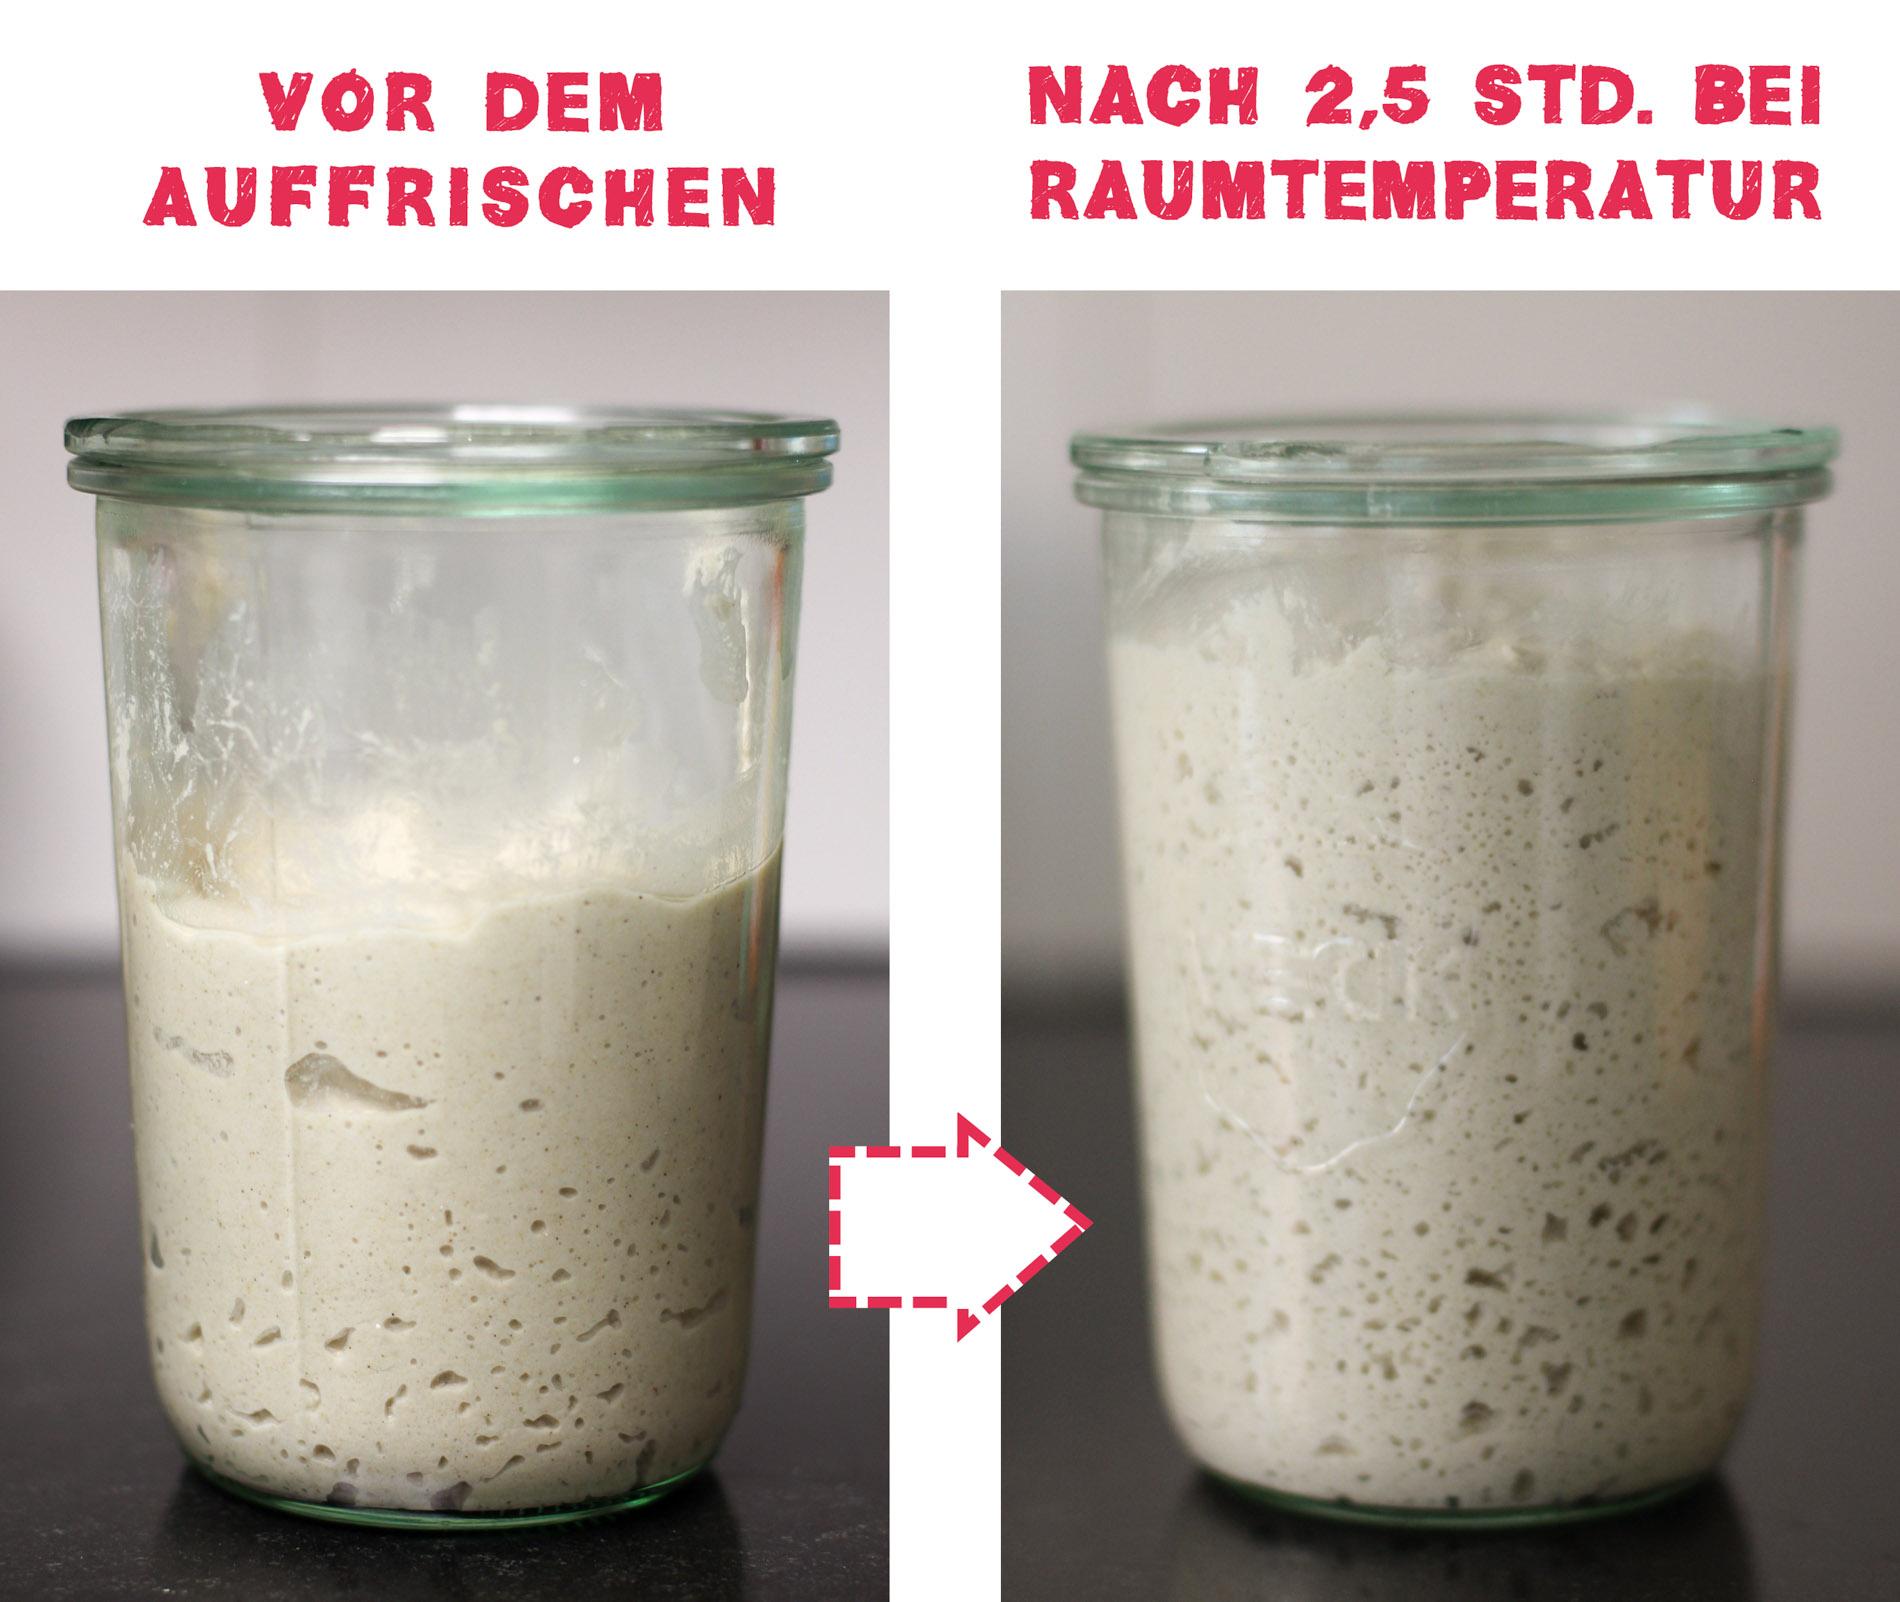 lievito-madre-glutenfrei-auffrischen-kochtrotz